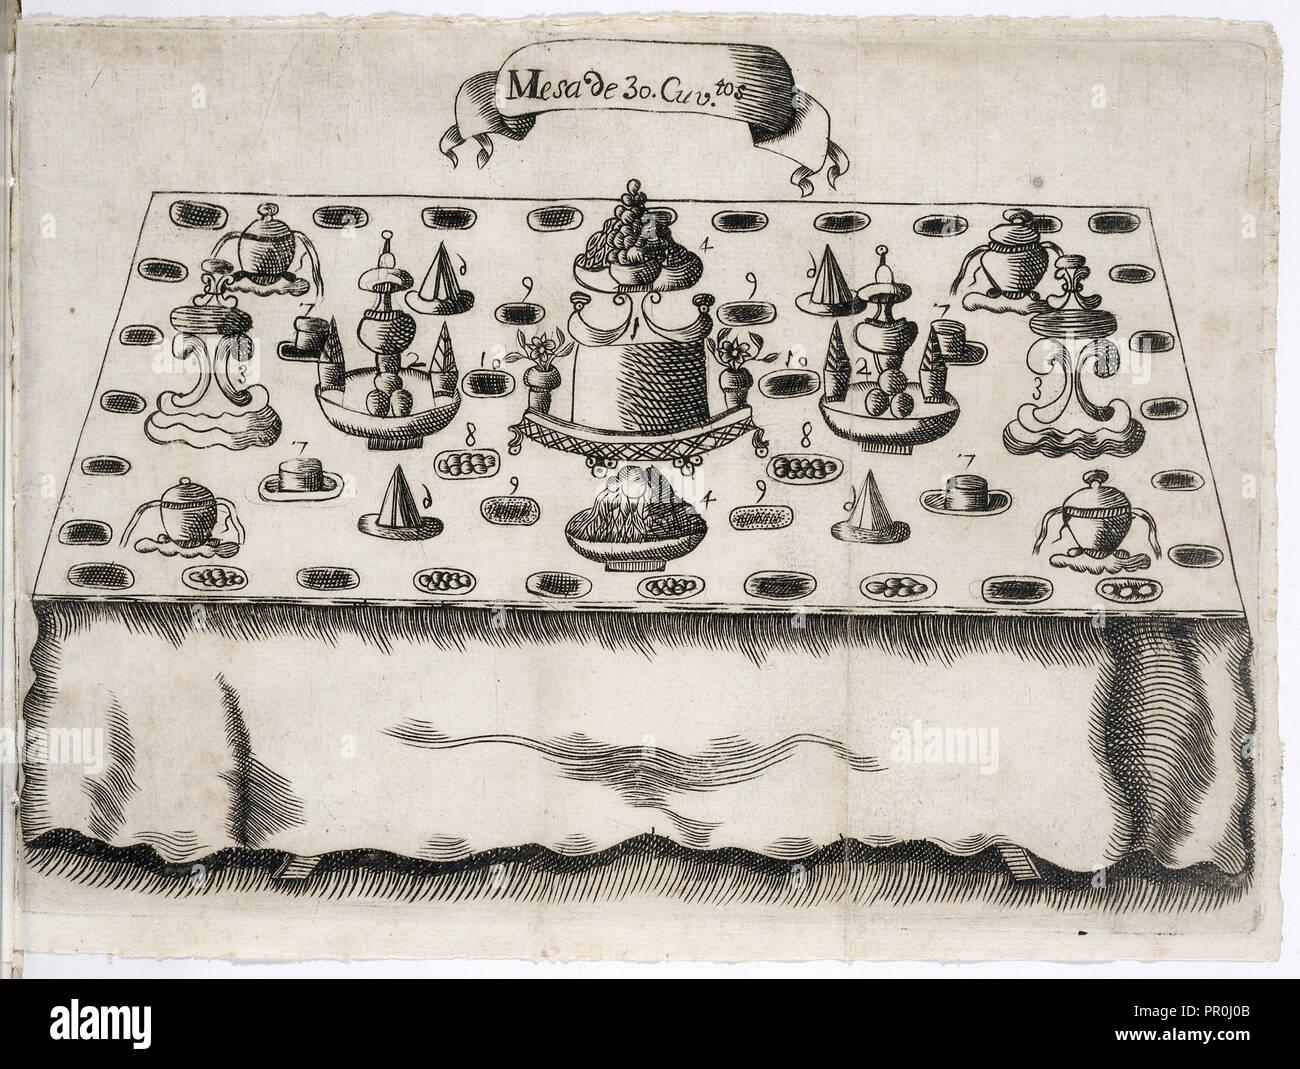 Mesa de 30. cuviertos, Arte de la repostería, en que se contiene todo genero de hacer dulces secos, y en lìquido, vizcochos Imagen De Stock